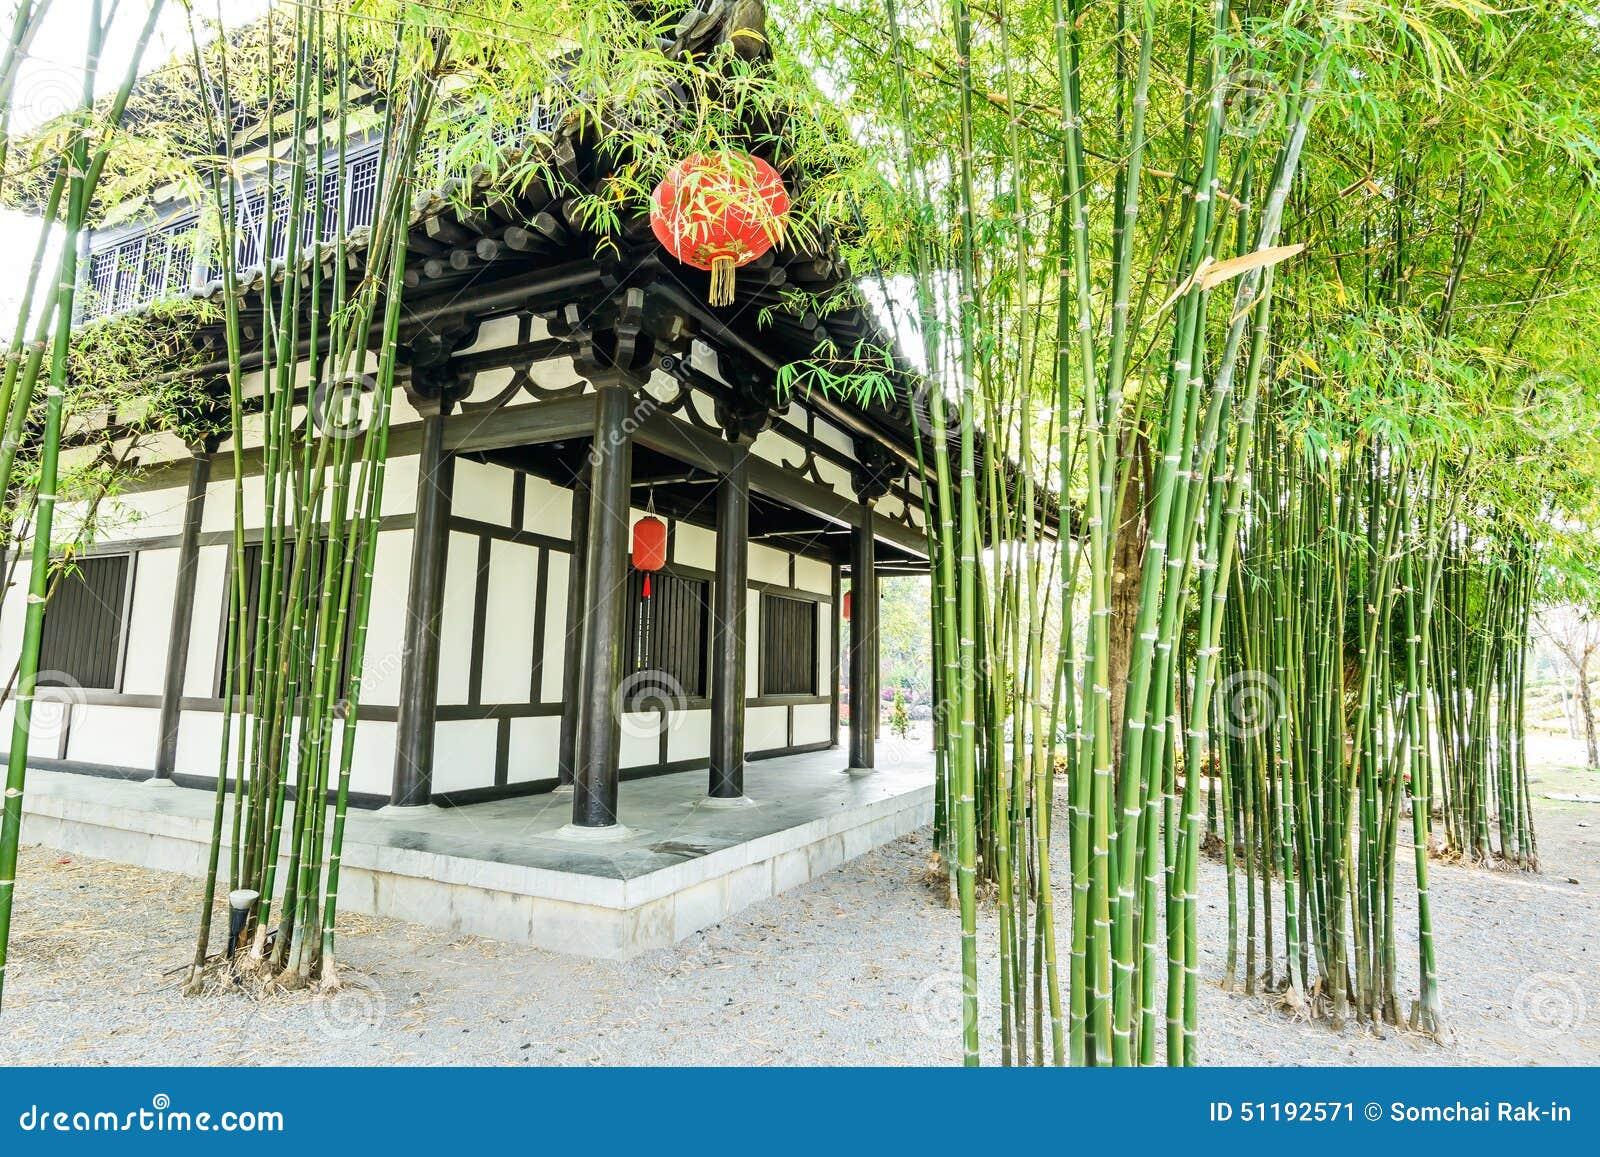 Jardin Con Bambu Jardin Con Bambu Jardin Con Bambu Ideas De Diseo - Jardin-bambu